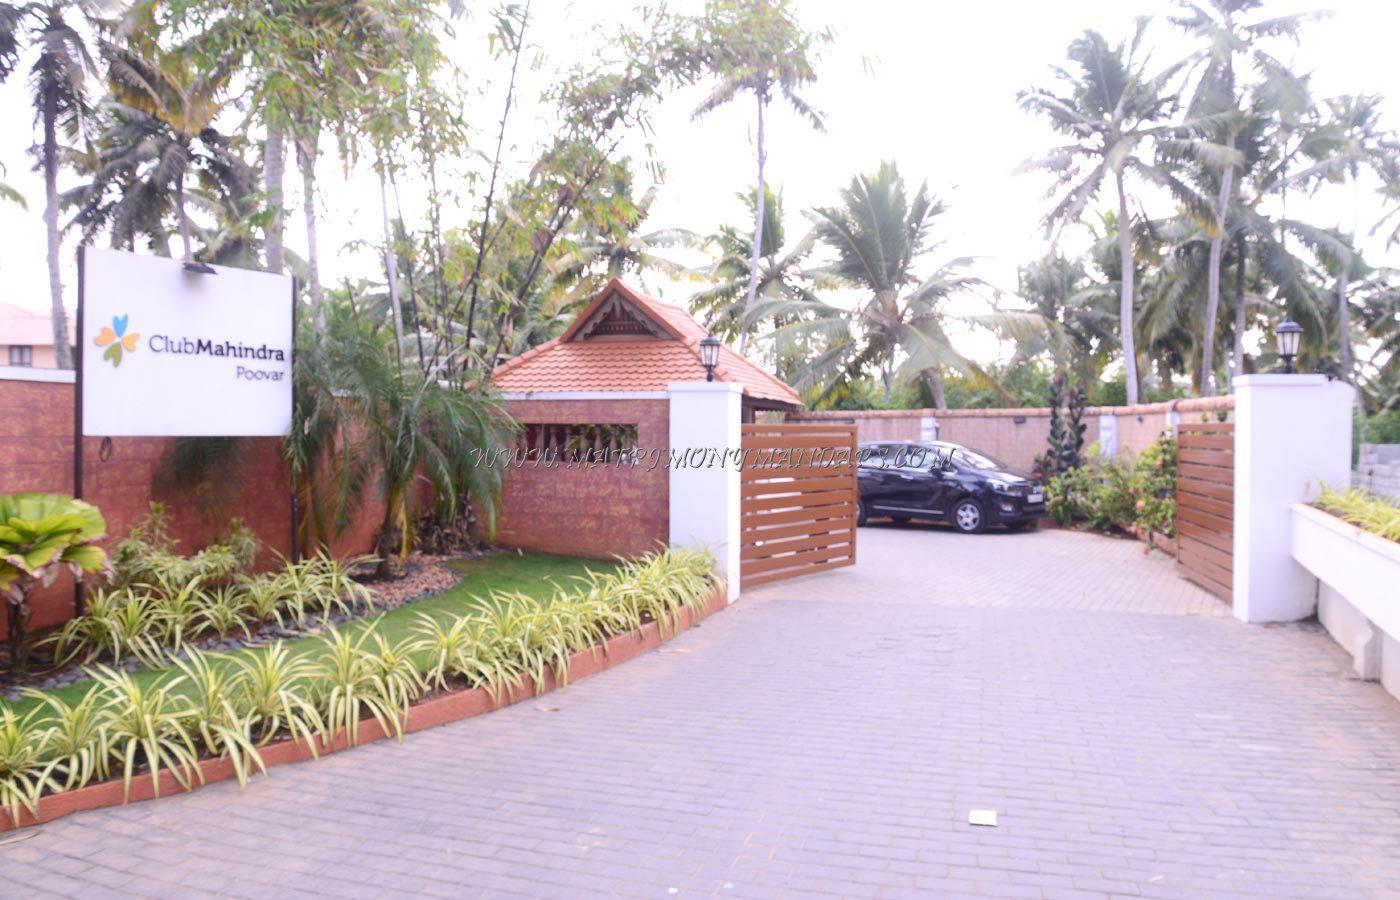 Find More Banquet Halls in Poovar